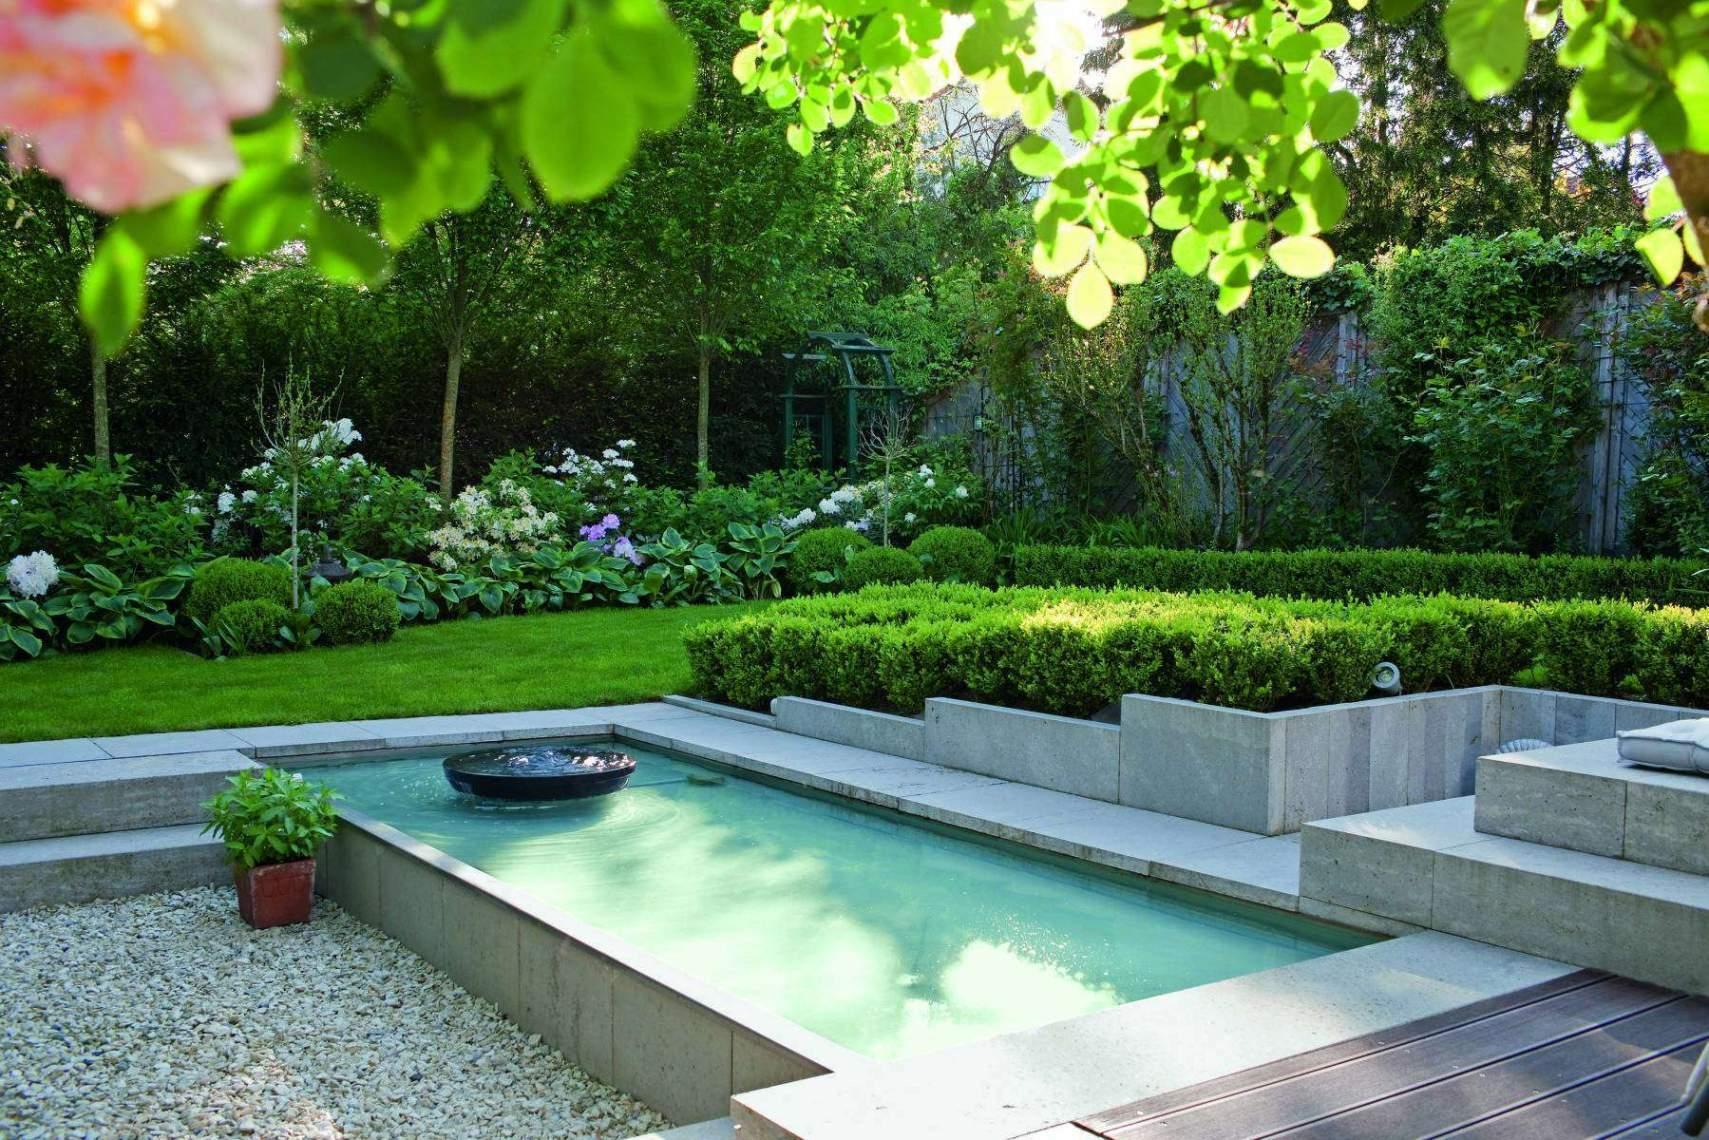 Schwimmingpool Für Den Garten Das Beste Von 38 Das Beste Von Schwimmingpool Für Garten Schön